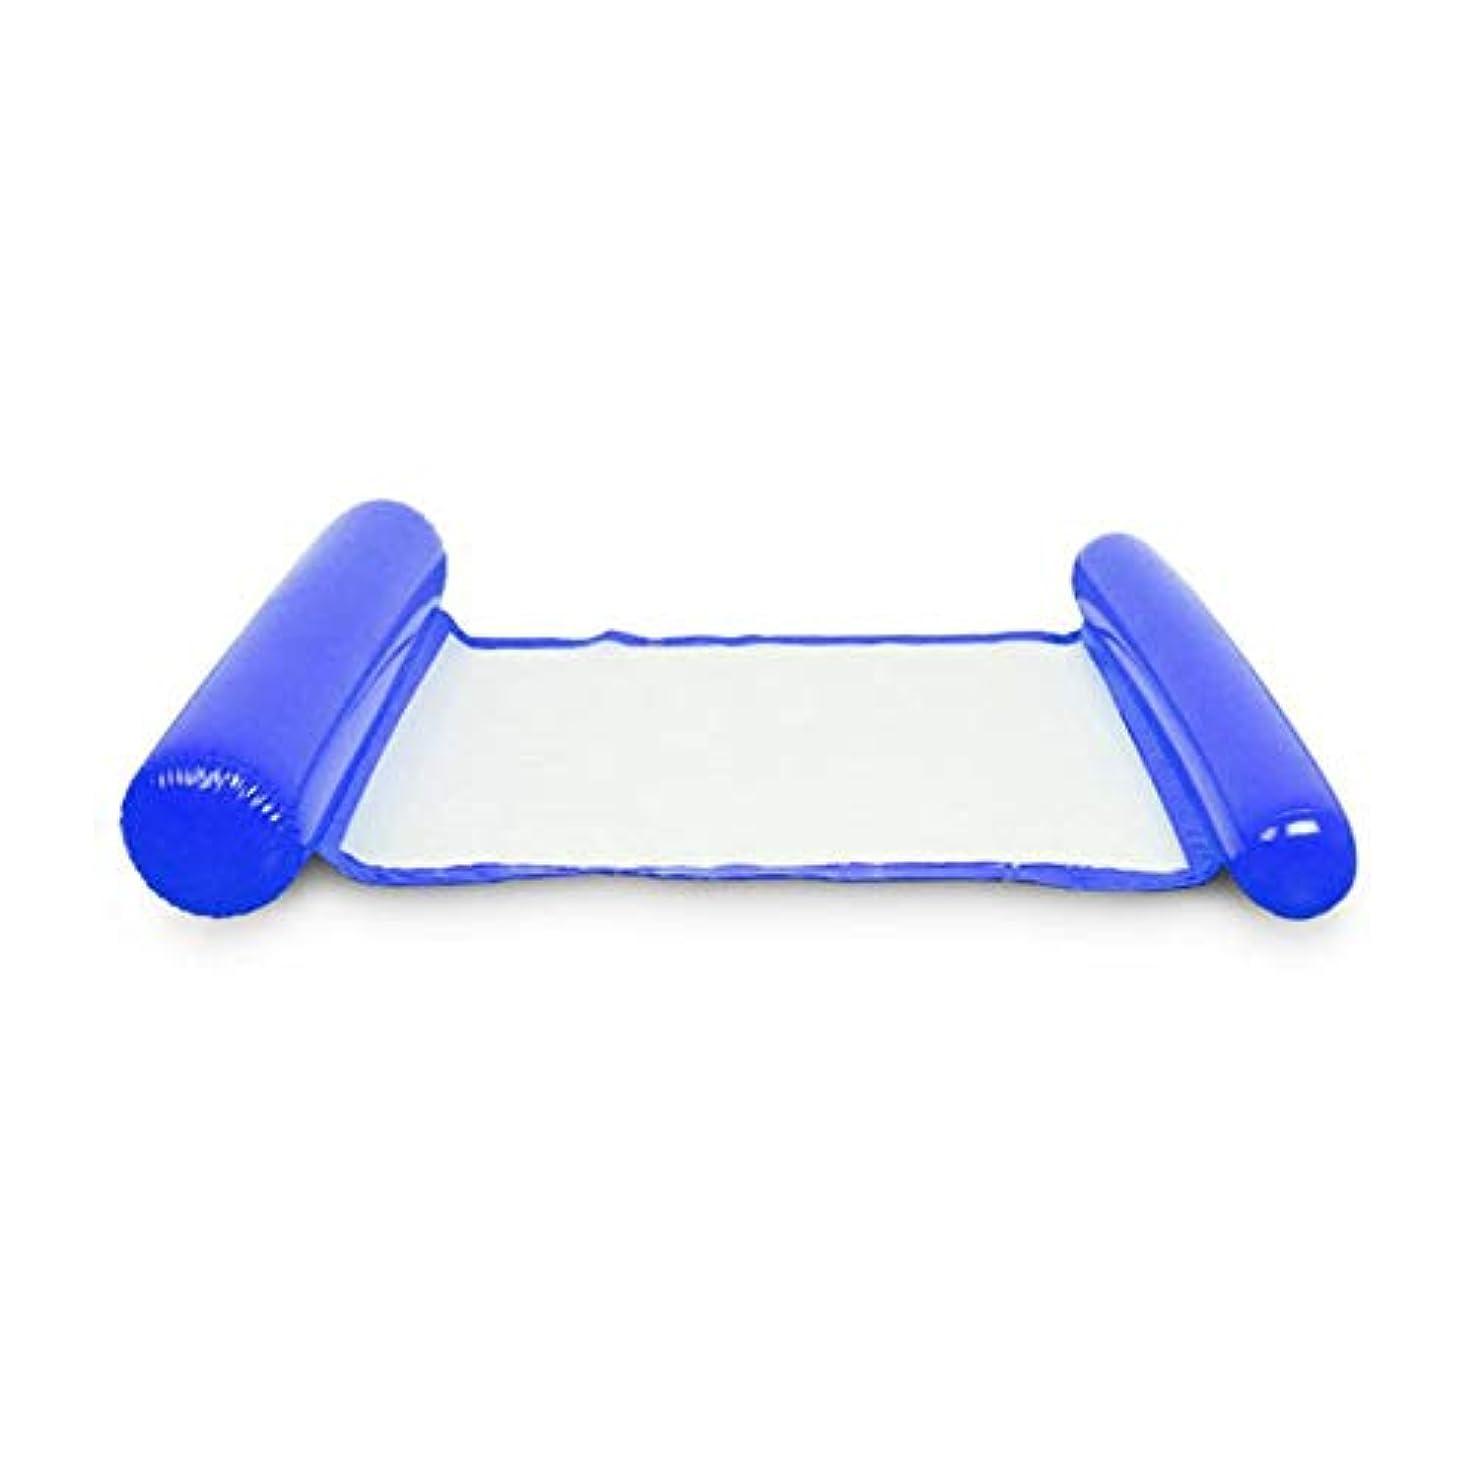 ドラフト書店男水泳パーティーのおもちゃに適したヘッドレスト付きのプールインフレータブルfloaties水インフレータブルラウンジチェア